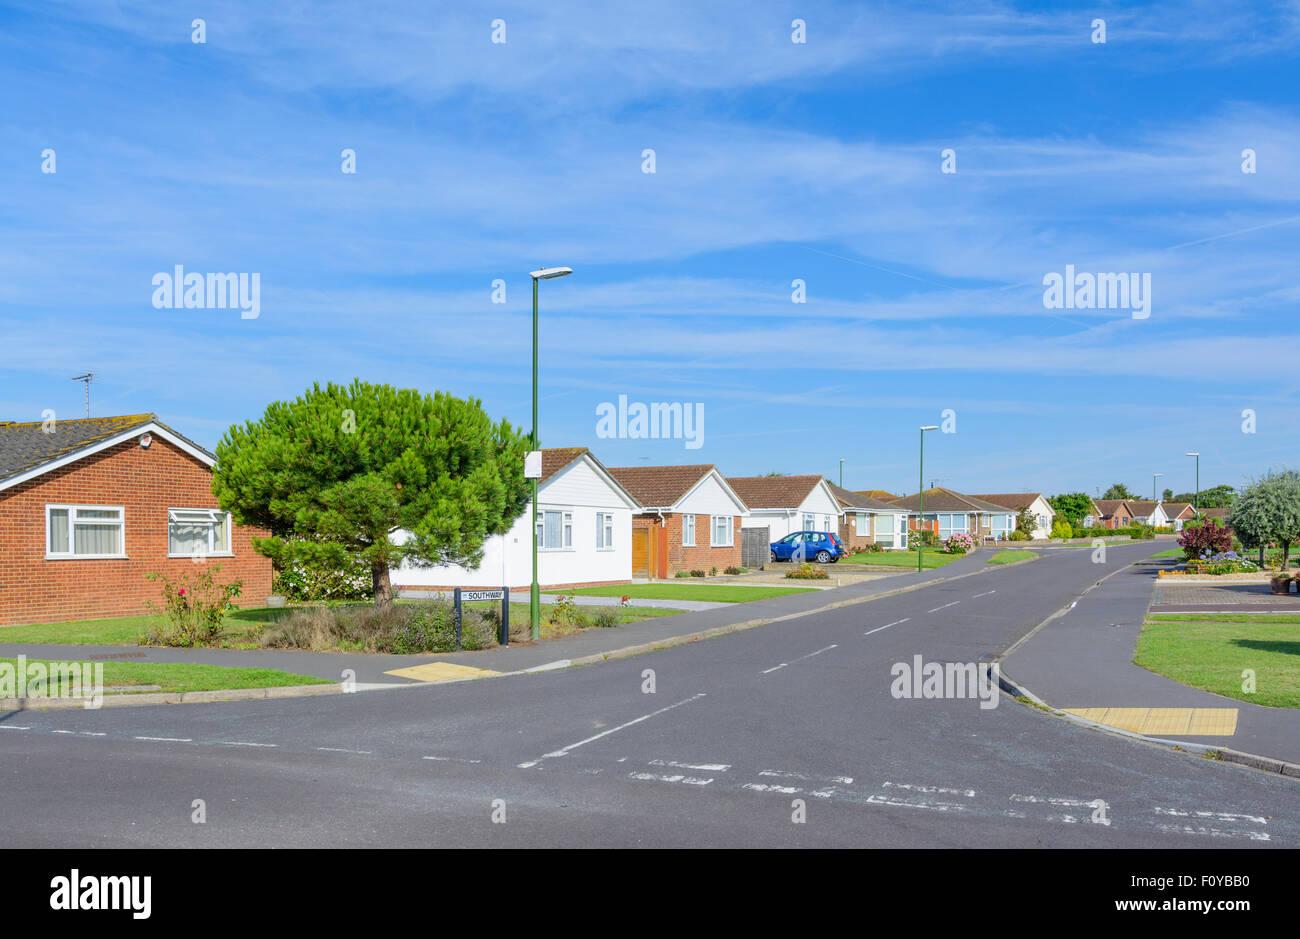 Rue résidentielle avec bungalows détachés sur une journée ensoleillée sans voitures garées Photo Stock